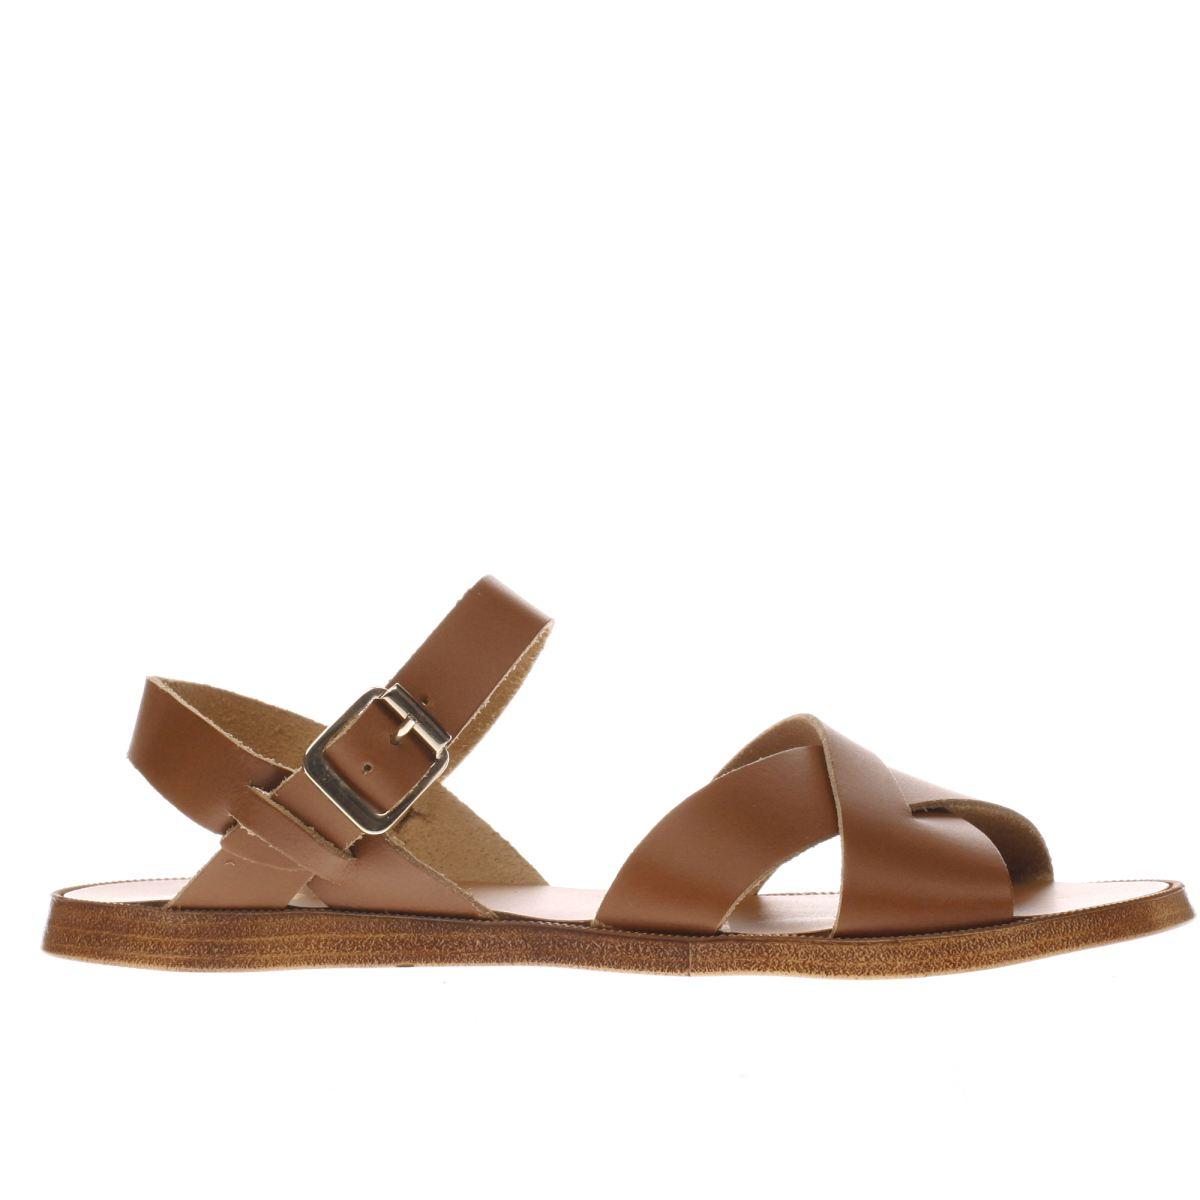 schuh tan copenhagen sandals